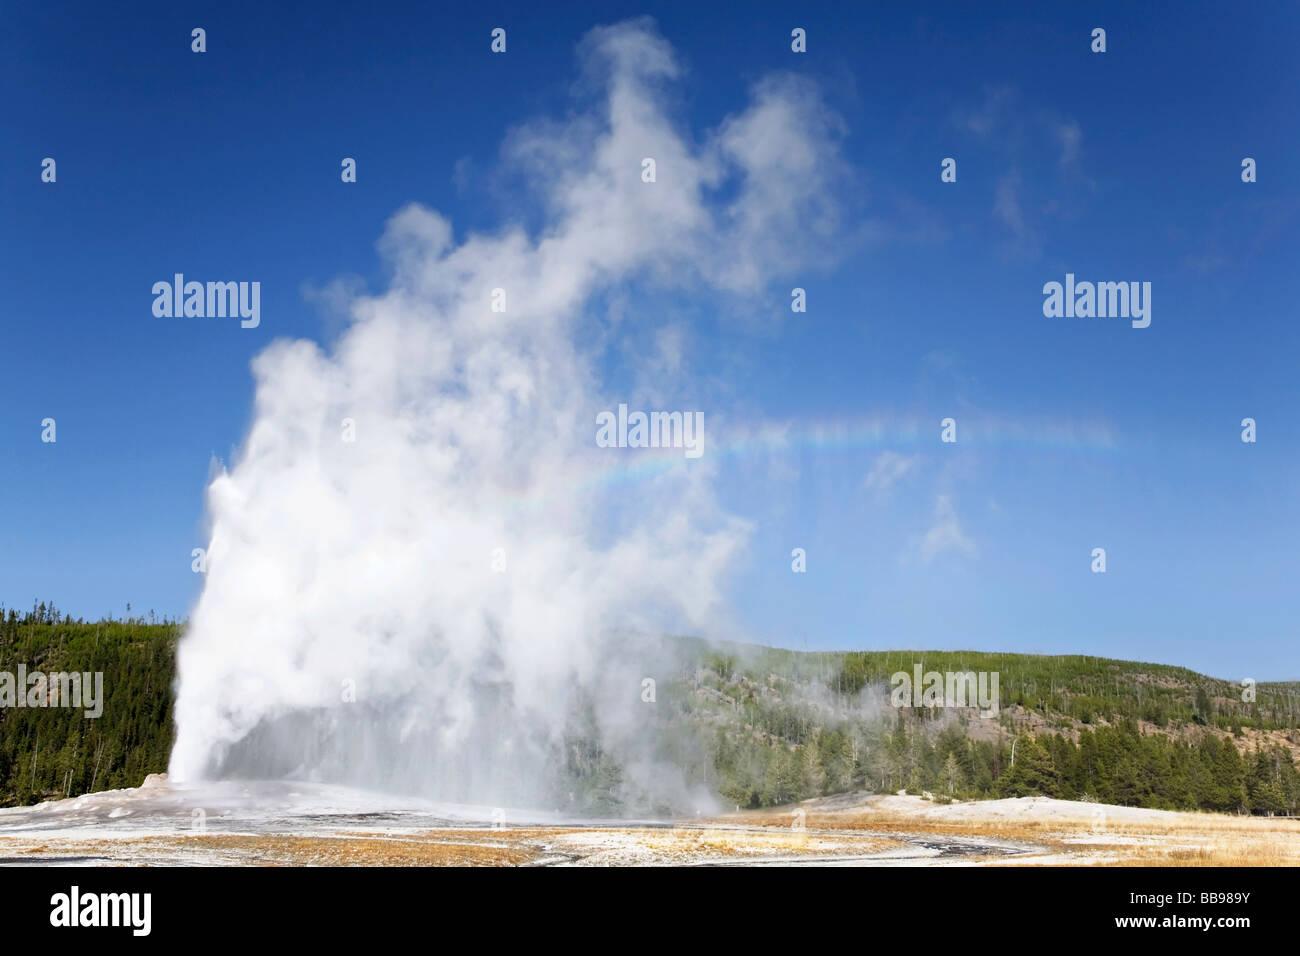 Old Faithful erupting - Stock Image